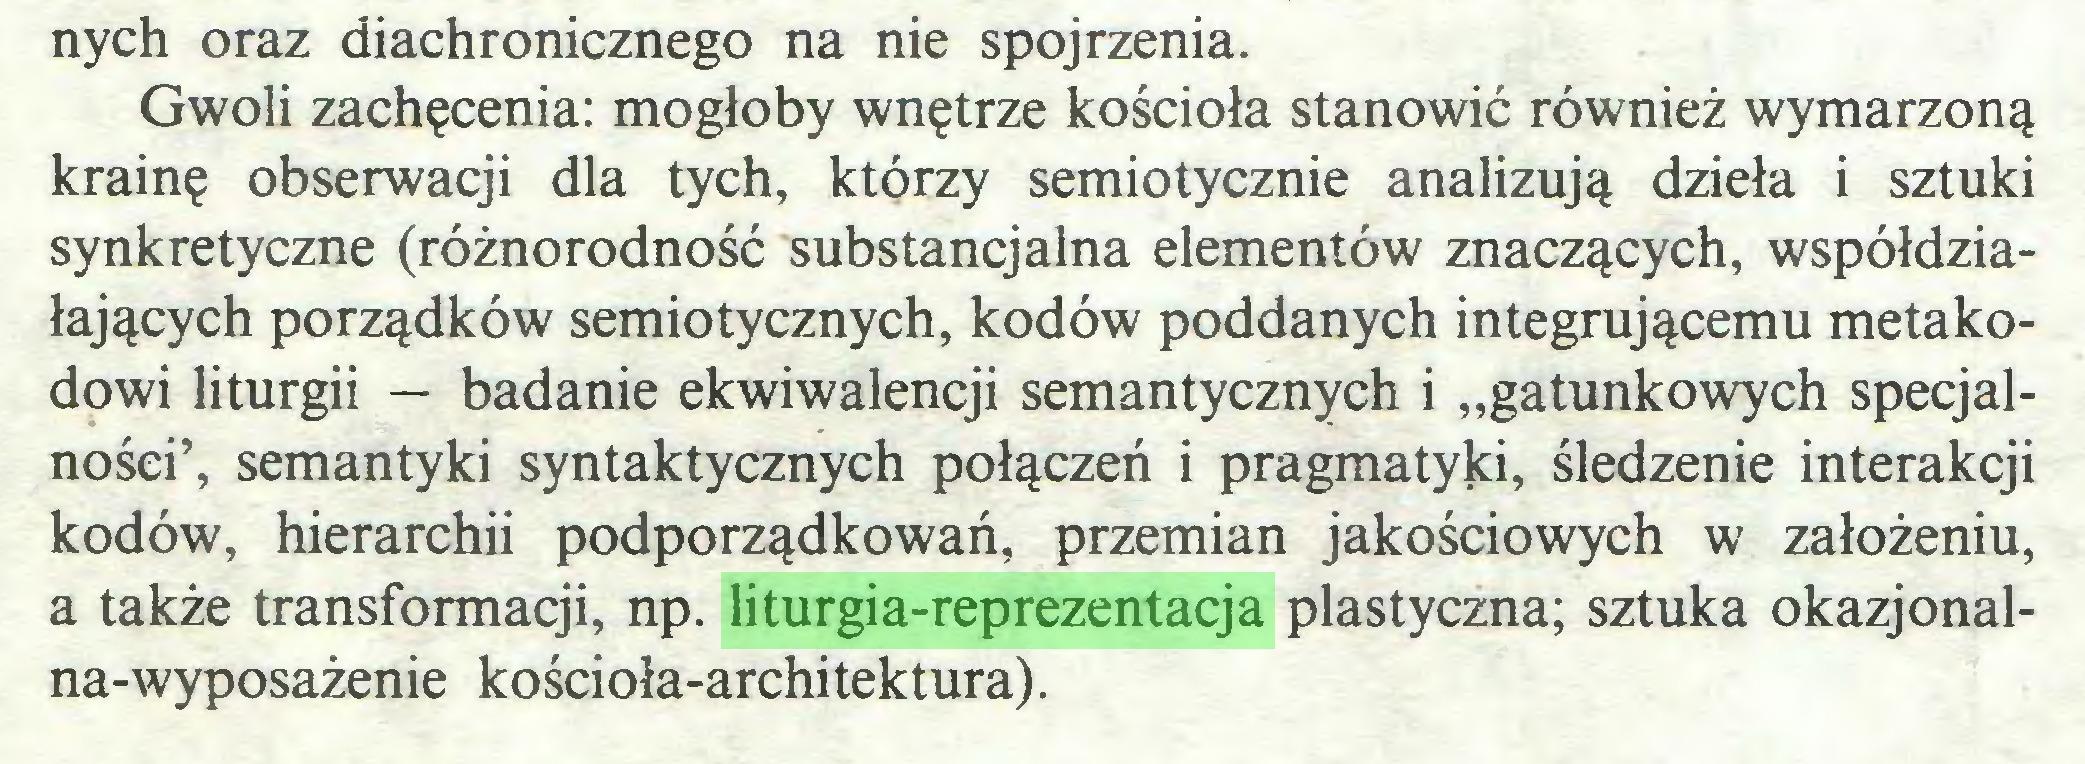 """(...) nych oraz diachronicznego na nie spojrzenia. Gwoli zachęcenia: mogłoby wnętrze kościoła stanowić również wymarzoną krainę obserwacji dla tych, którzy semiotycznie analizują dzieła i sztuki synkretyczne (różnorodność substancjalna elementów znaczących, współdziałających porządków semiotycznych, kodów poddanych integrującemu metakodowi liturgii — badanie ekwiwalencji semantycznych i """"gatunkowych specjalności', semantyki syntaktycznych połączeń i pragmatyki, śledzenie interakcji kodów, hierarchii podporządkowań, przemian jakościowych w założeniu, a także transformacji, np. liturgia-reprezentacja plastyczna; sztuka okazjonalna-wyposażenie kościoła-architektura)..."""